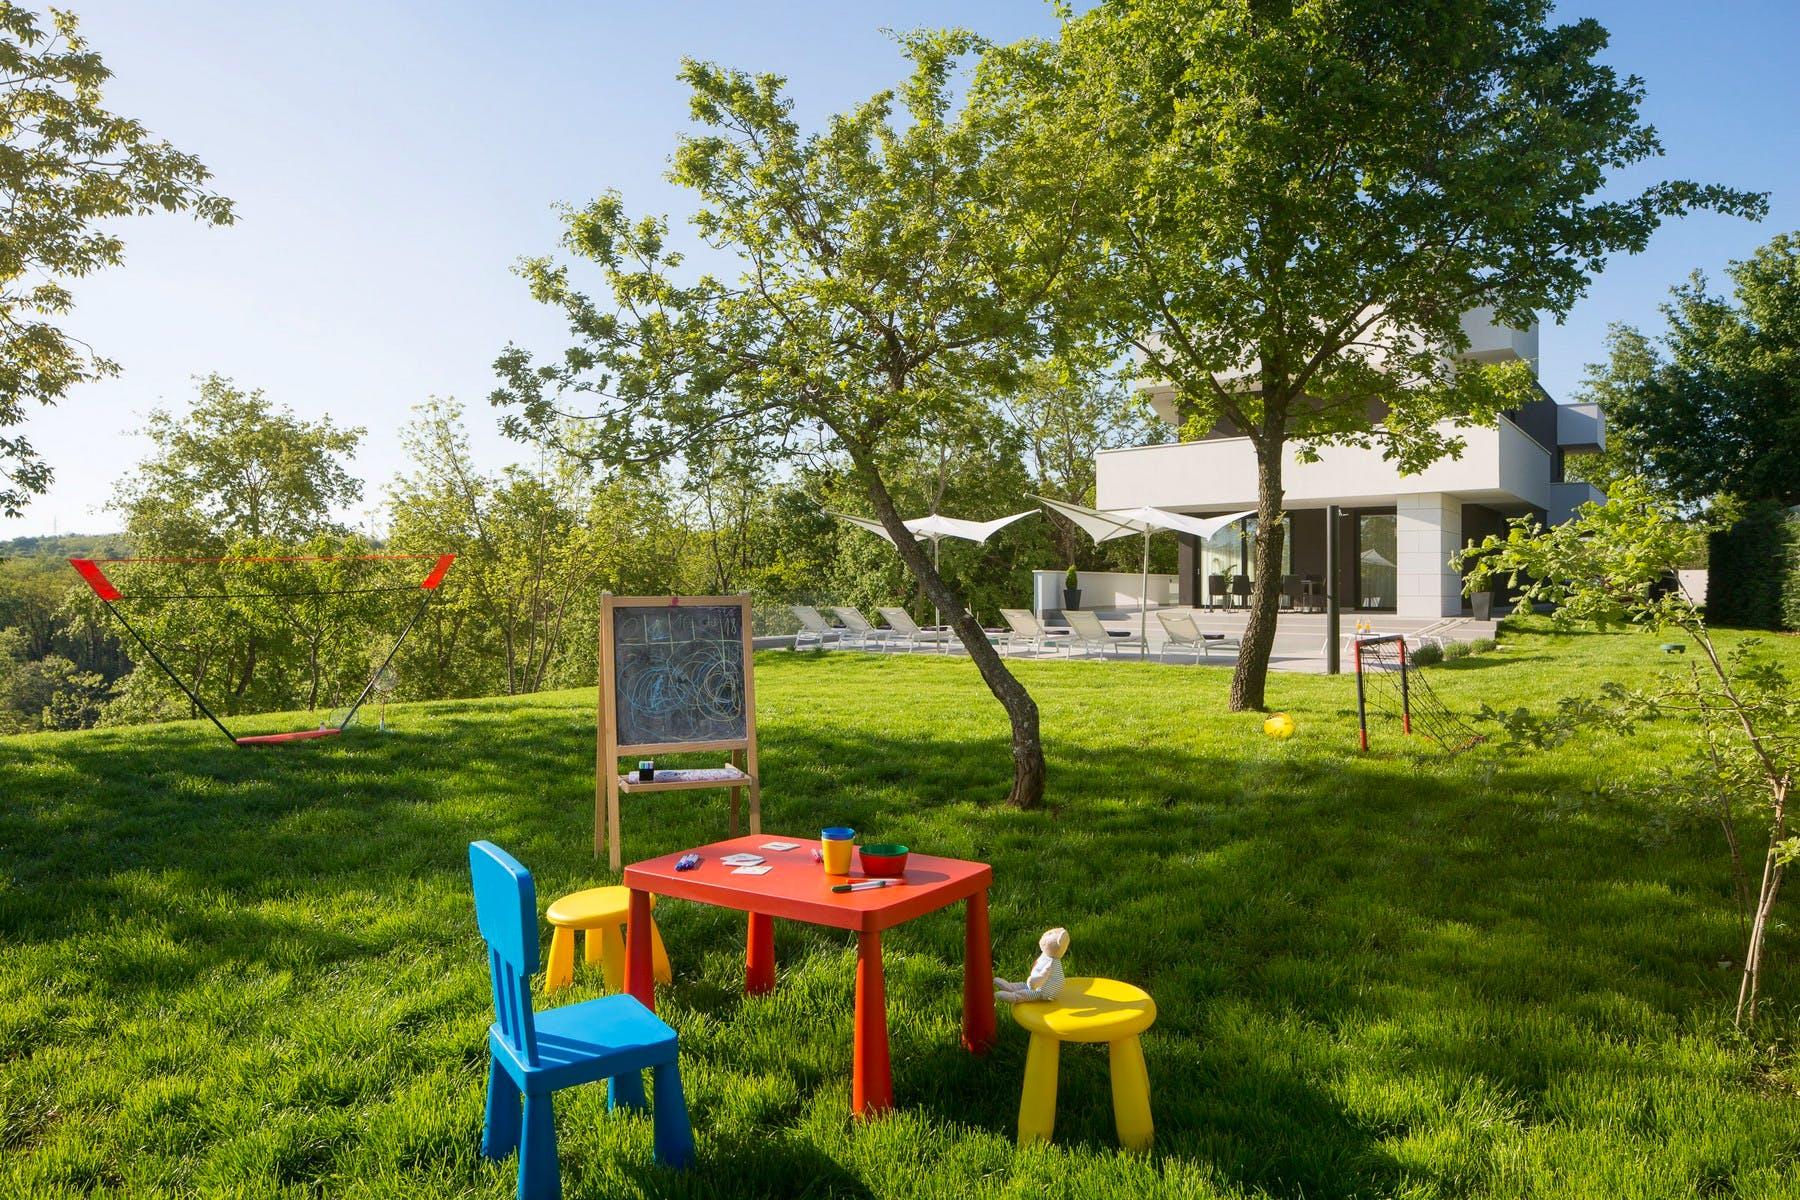 Entertainment corner for kids in the garden